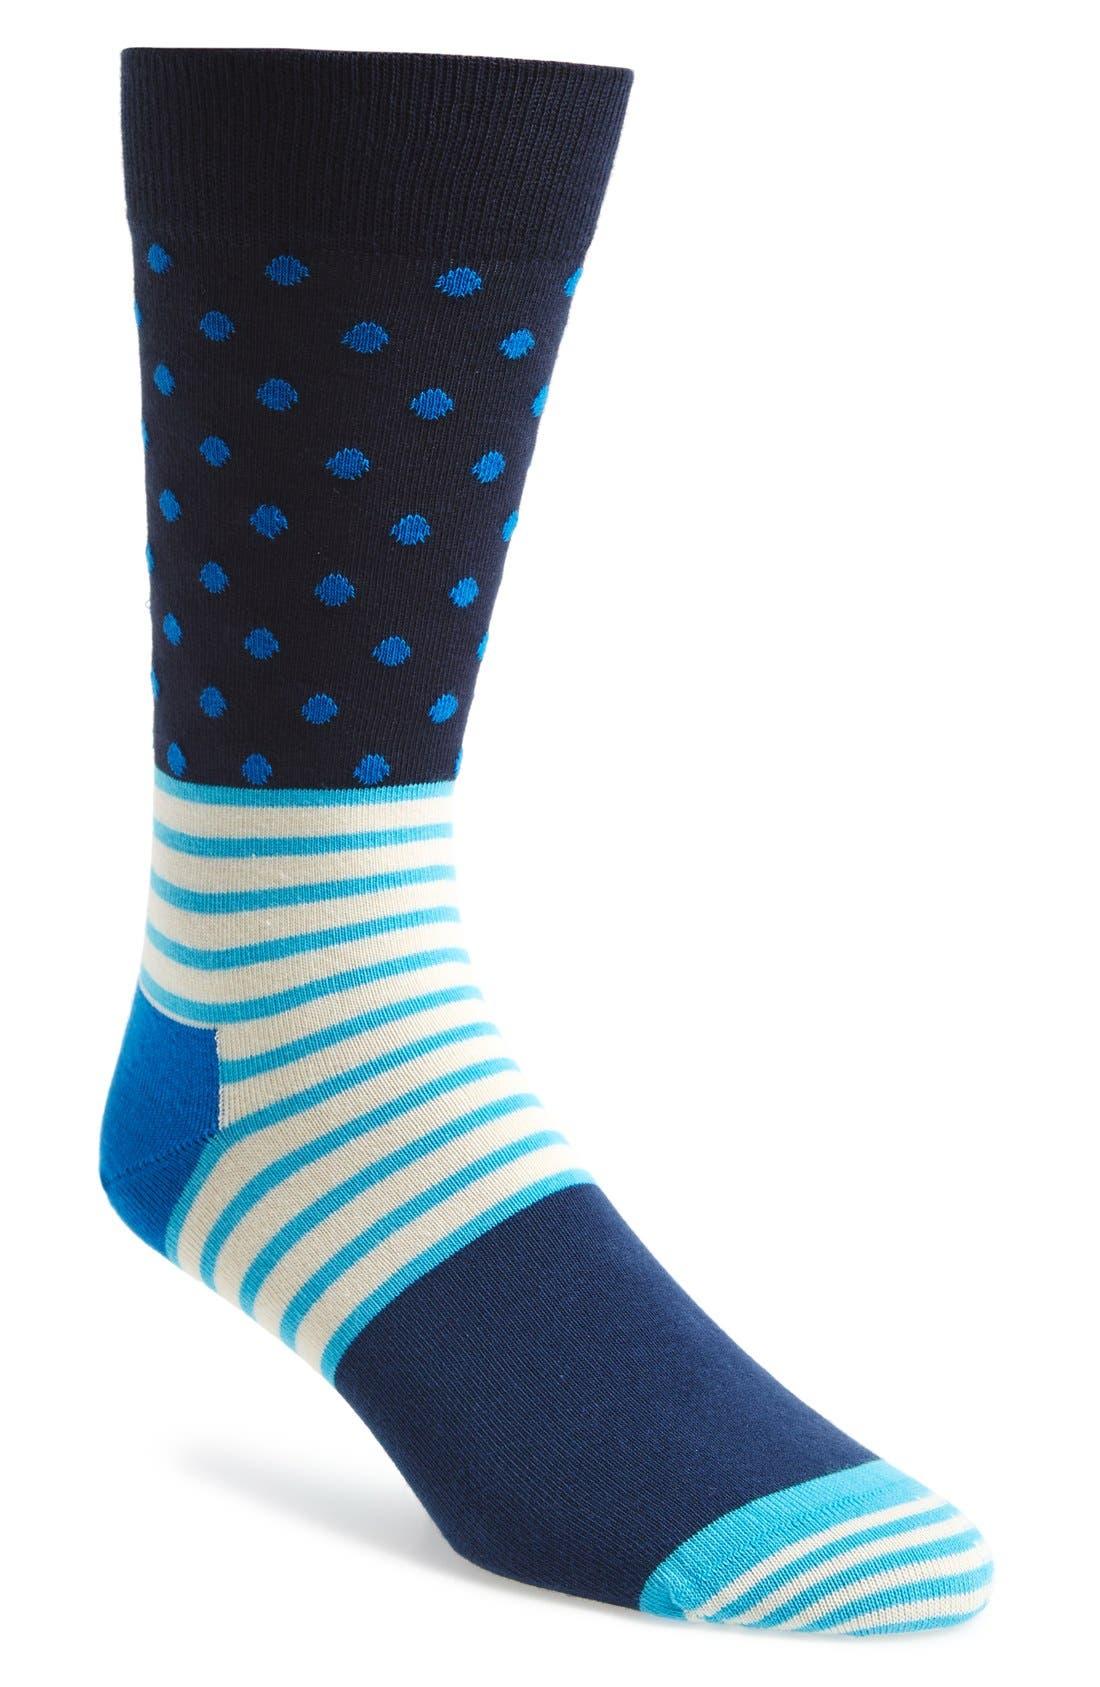 Happy Socks 'Stripes & Dots' Socks